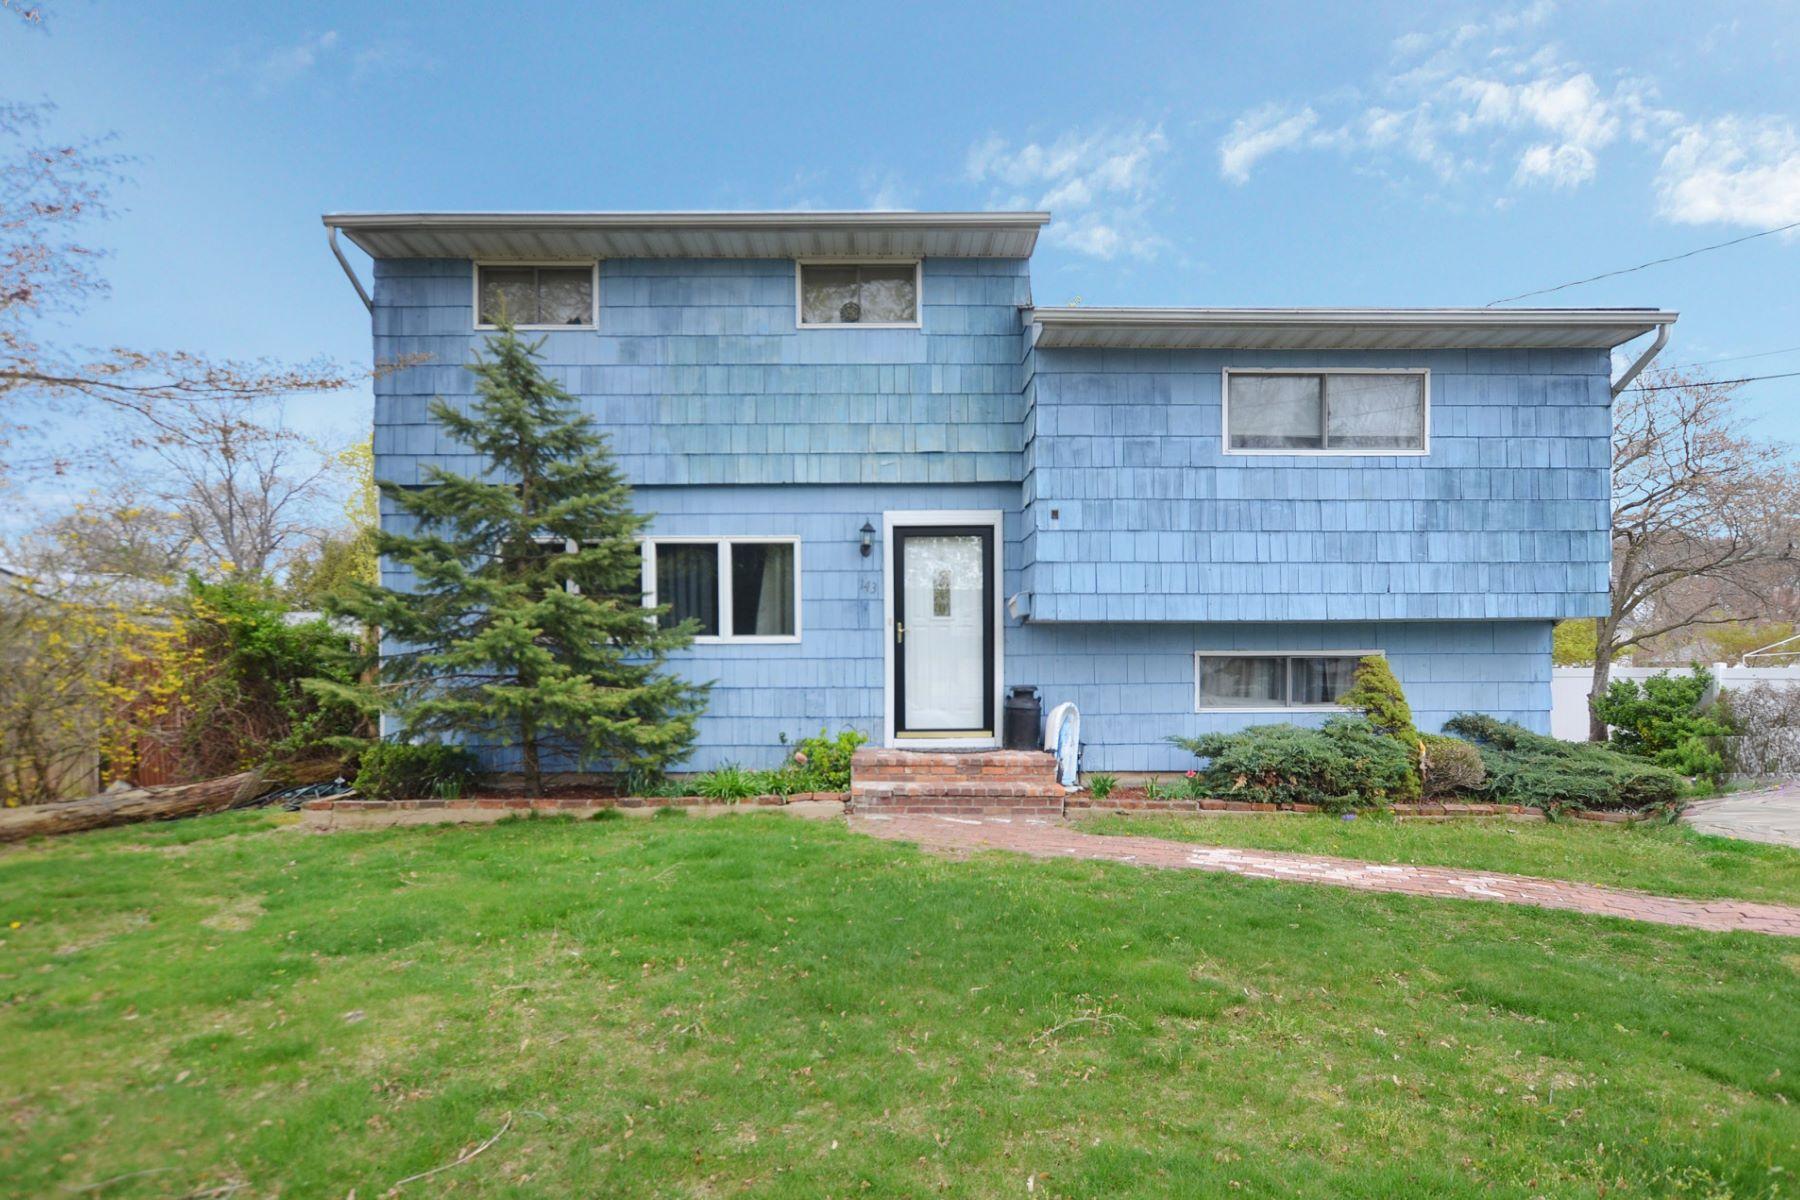 Tek Ailelik Ev için Satış at Split 143 W 19th St Huntington Station, New York, 11746 Amerika Birleşik Devletleri